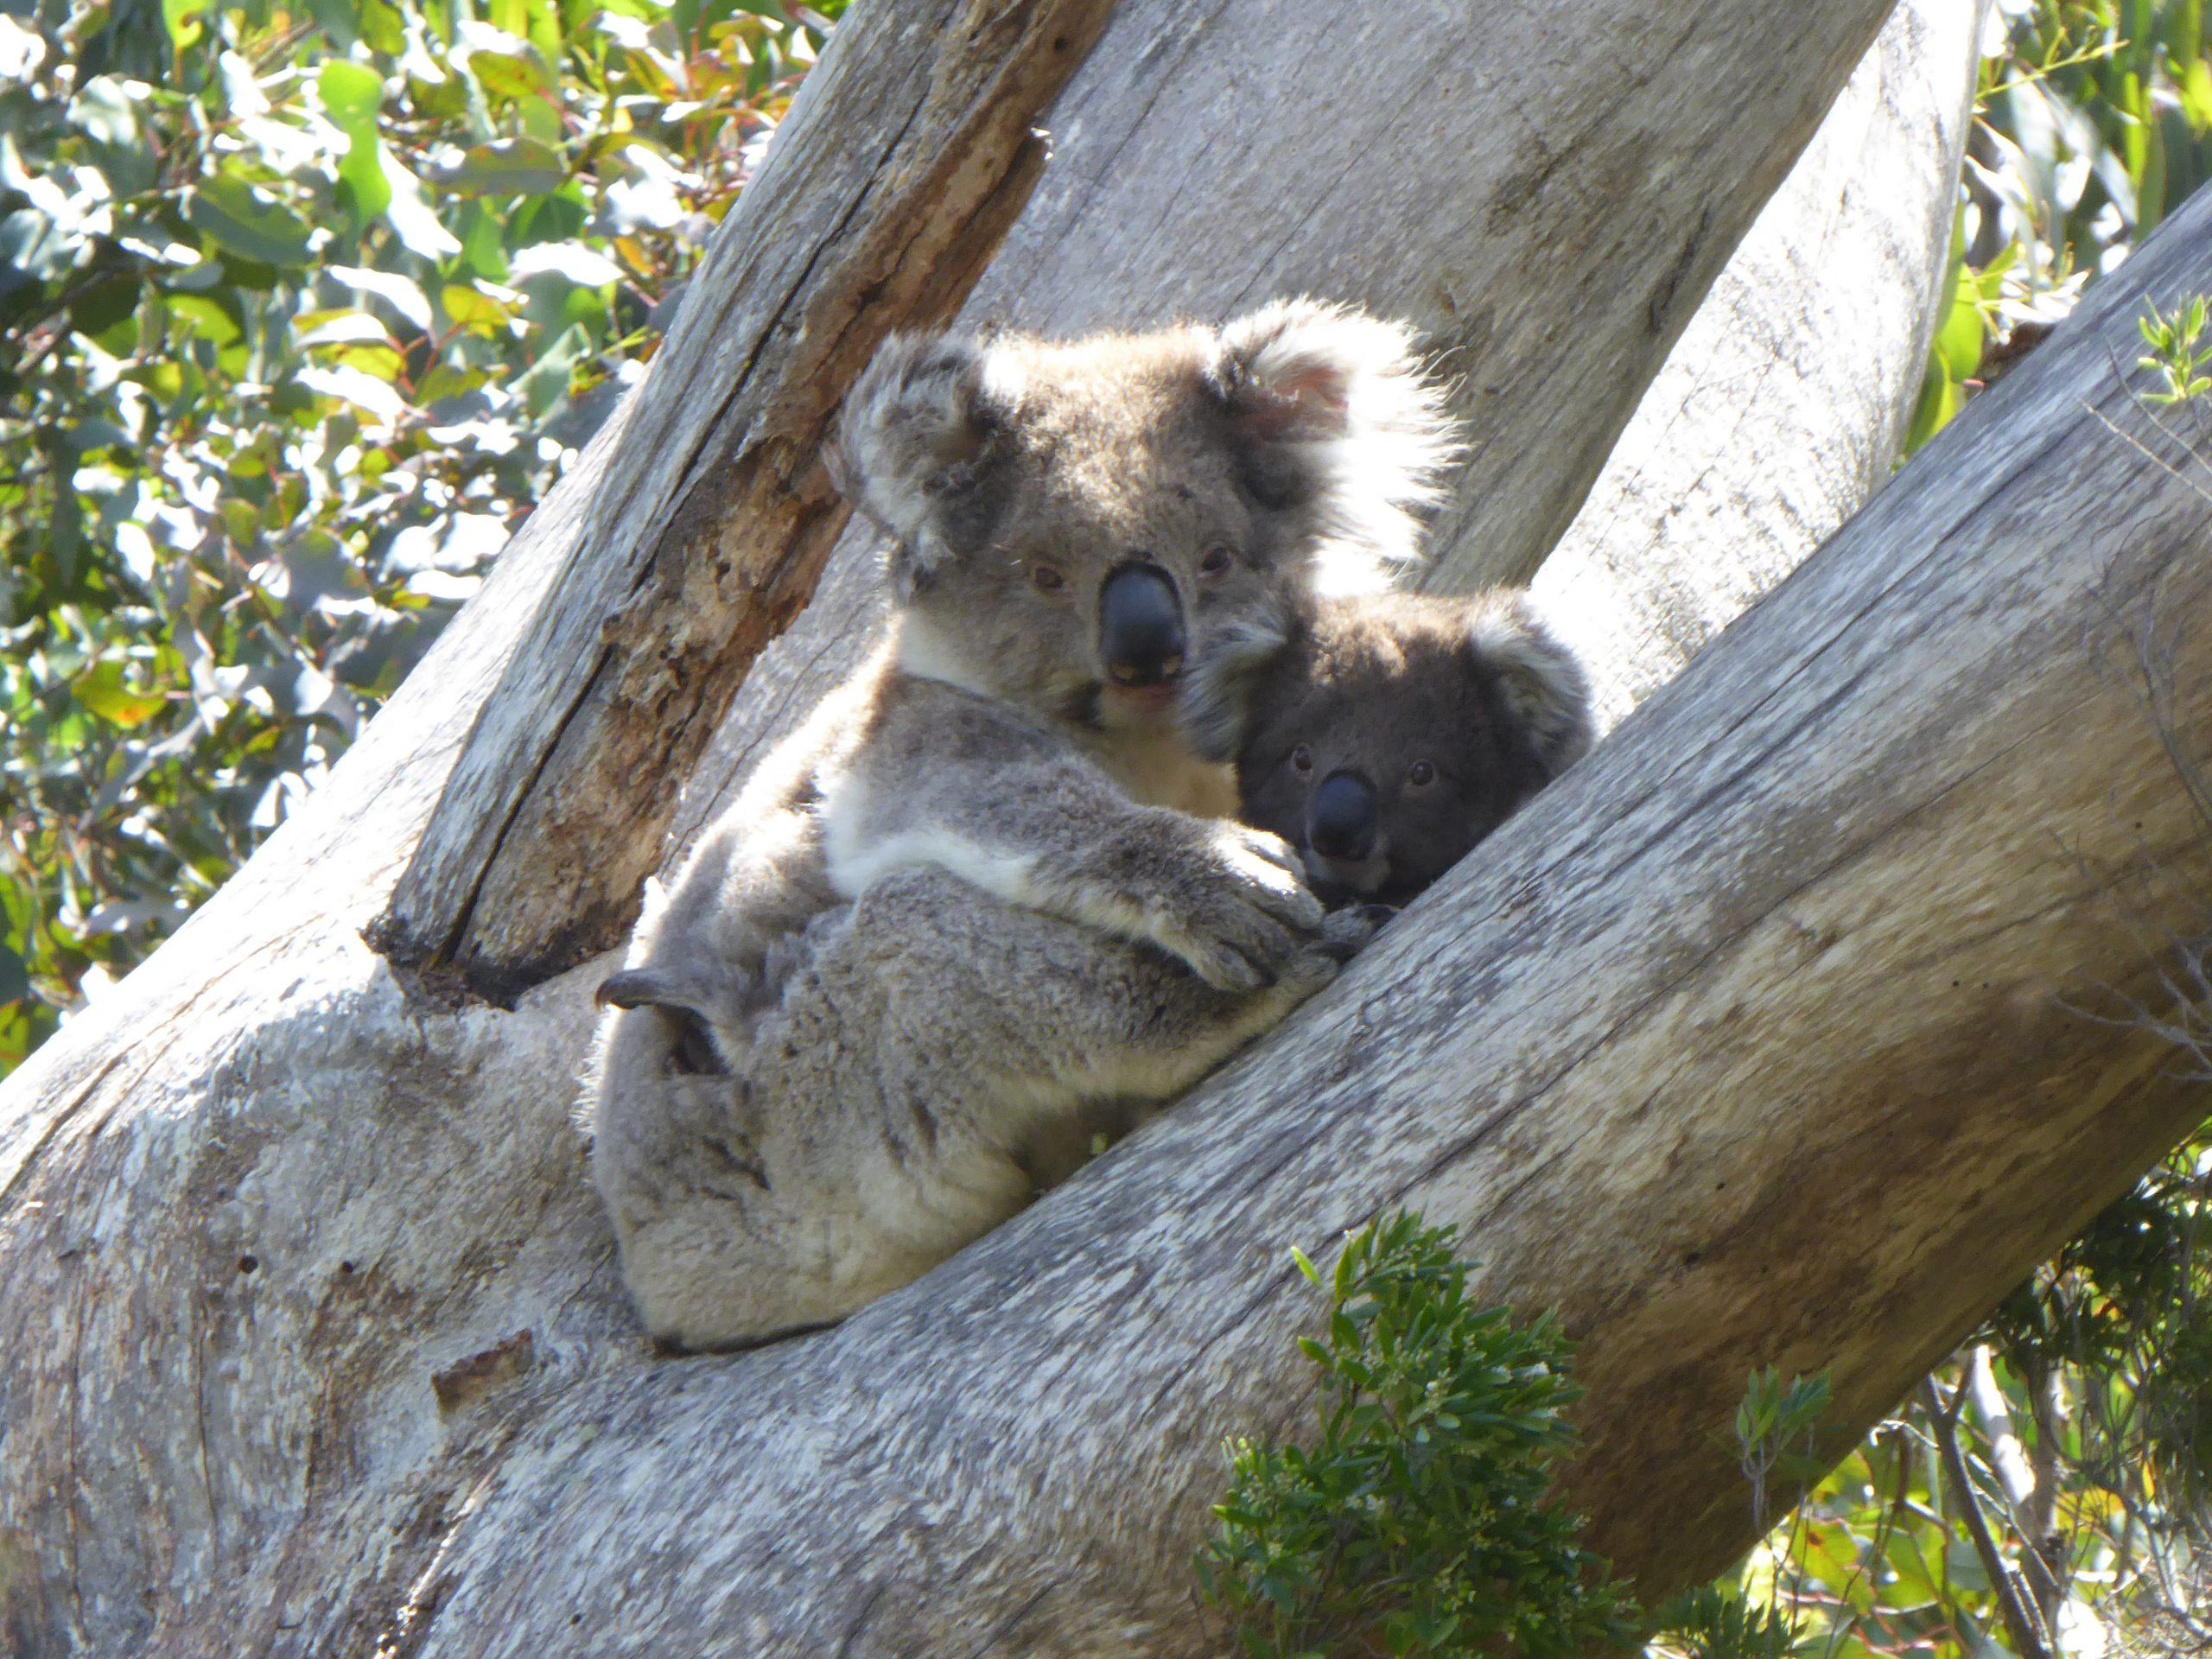 Radreise Australien 2016 - Koala